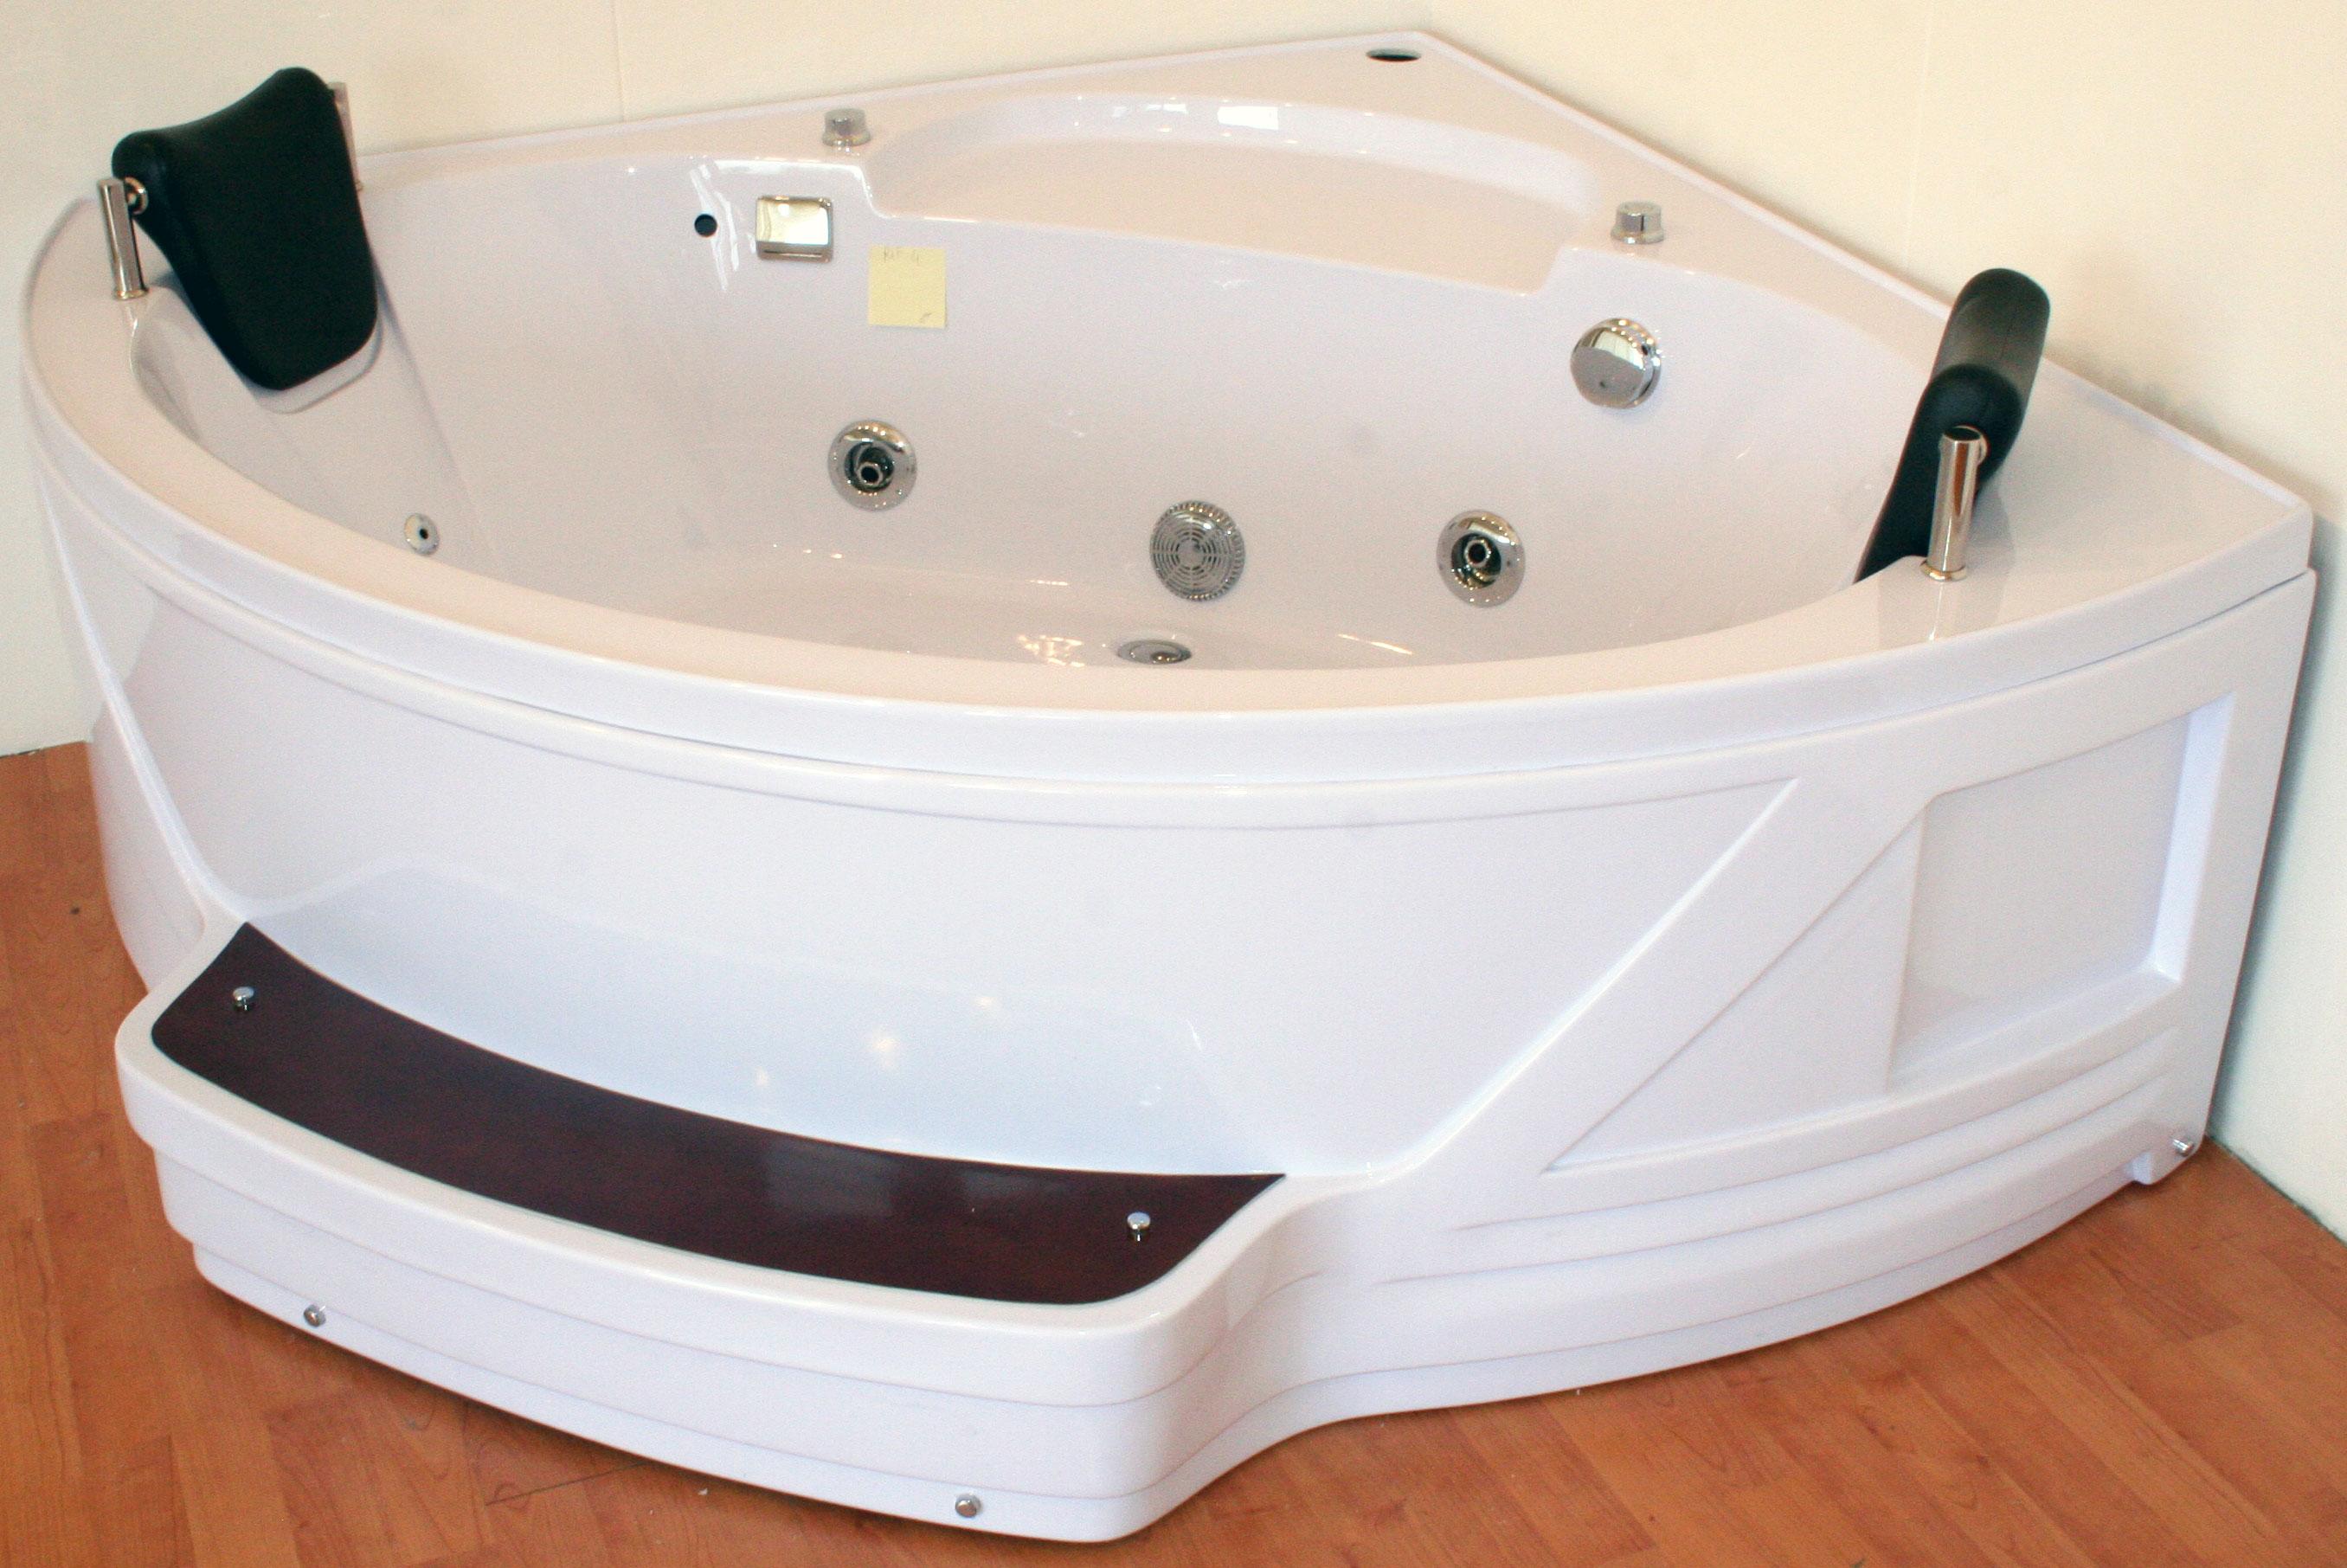 Vasca Da Bagno Ikea ~ avienix.com for .